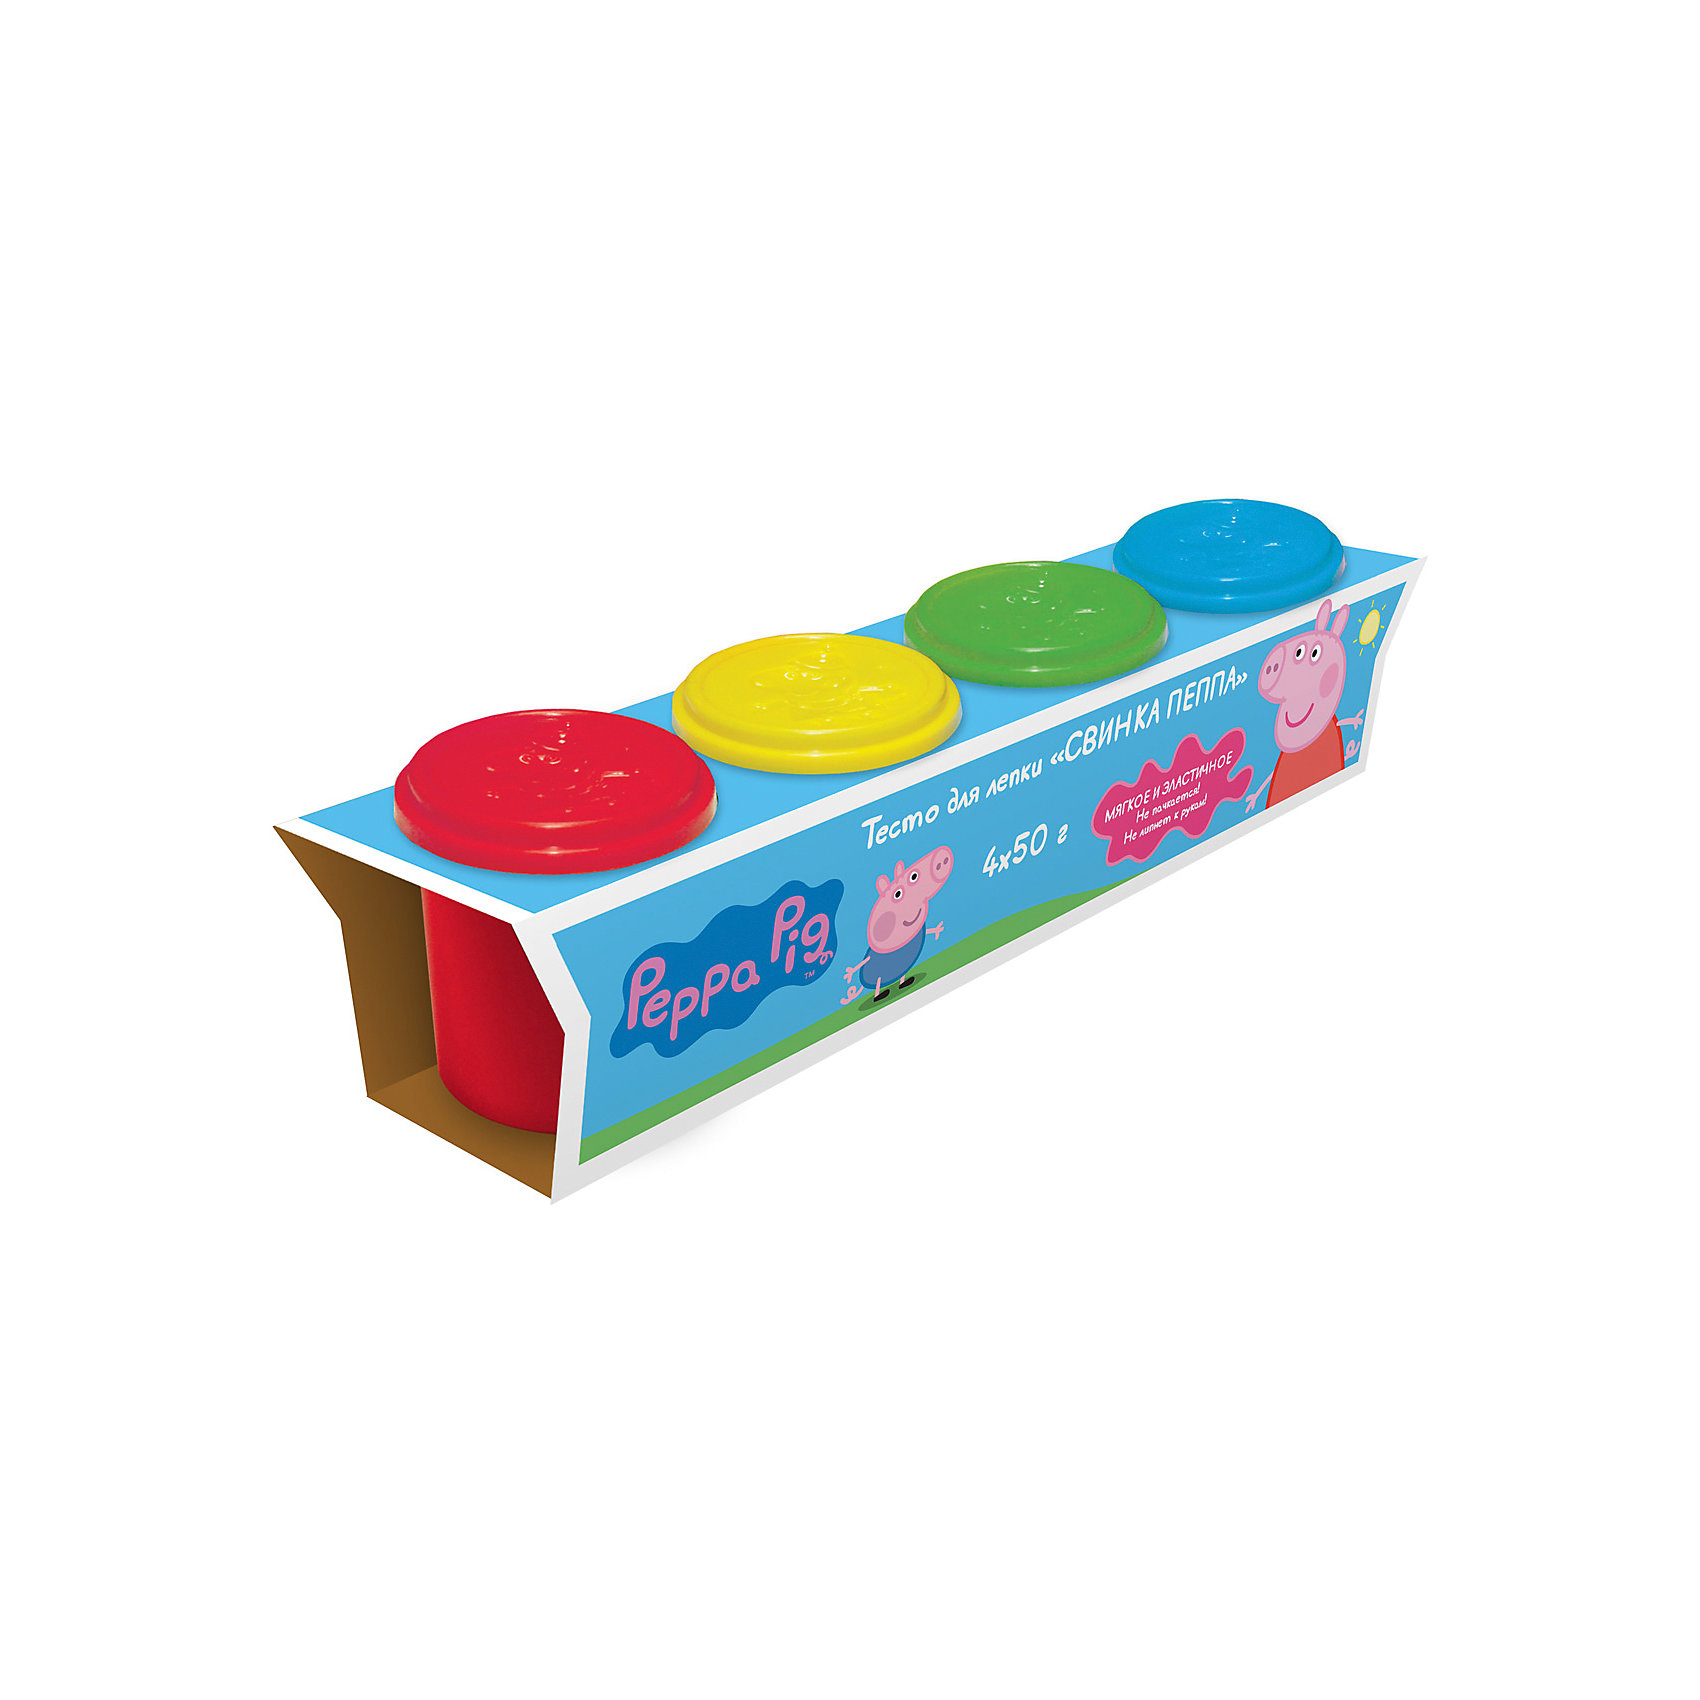 Тесто для лепки Свинка Пеппа (4 банки по 50 г)Лепить из волшебного цветного теста «Свинка Пеппа» – одно удовольствие. Оно мягкое, пластичное, не липнет к рукам и не пачкается. Лепите по инструкции фигурку Свинки Пеппы, придумывайте и создавайте свои собственные поделки, фантазируйте, экспериментируйте, смешивайте цвета, развивайте у малышей воображение и мелкую моторику. А полезные советы, размещенные на коробочке, вам помогут в этом.&#13;<br>В наборе 4 ярких цвета теста для лепки в баночках по 50 г. Тесто не пригодно для еды! Крышки баночек выполнены из высококачественного пластика в виде формочек с изображением героев мультфильма. Товар сертифицирован и безопасен при использовании по назначению. Упаковка – красочная коробка.<br><br>Ширина мм: 220<br>Глубина мм: 53<br>Высота мм: 63<br>Вес г: 321<br>Возраст от месяцев: 36<br>Возраст до месяцев: 84<br>Пол: Унисекс<br>Возраст: Детский<br>SKU: 5076598